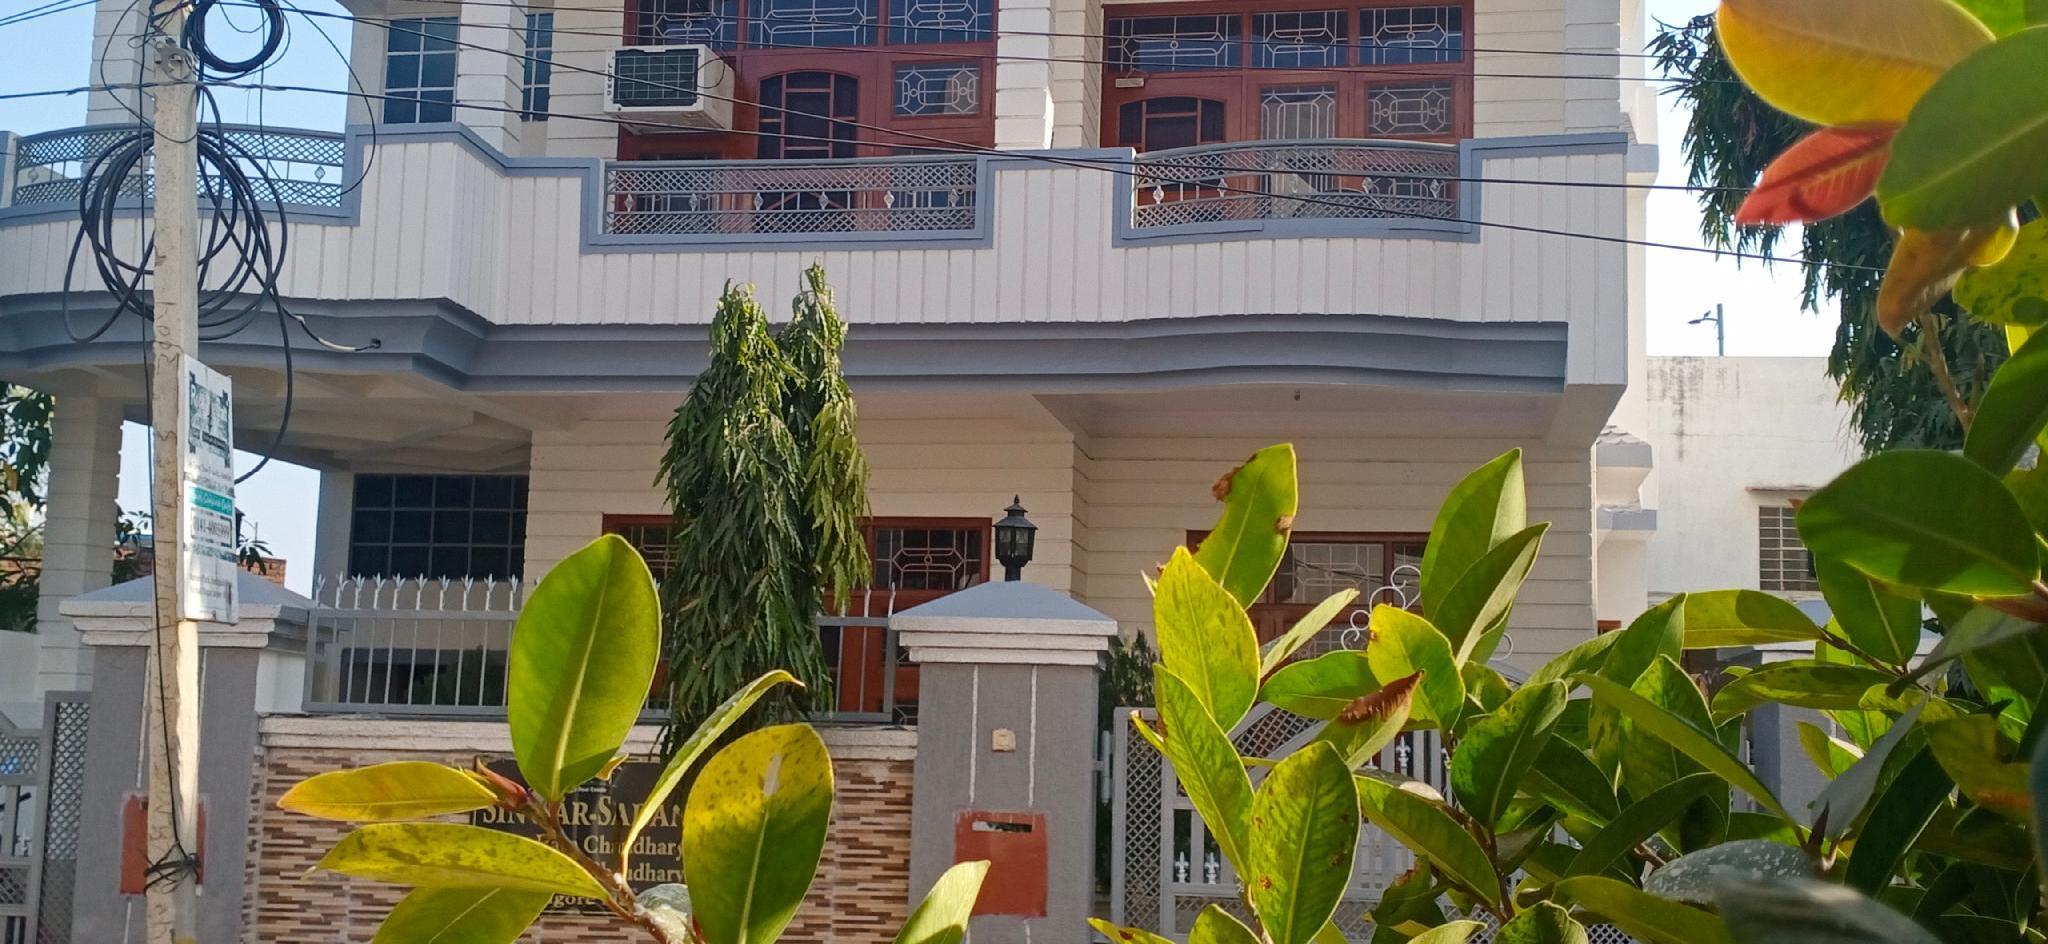 Sujhavs Hotel